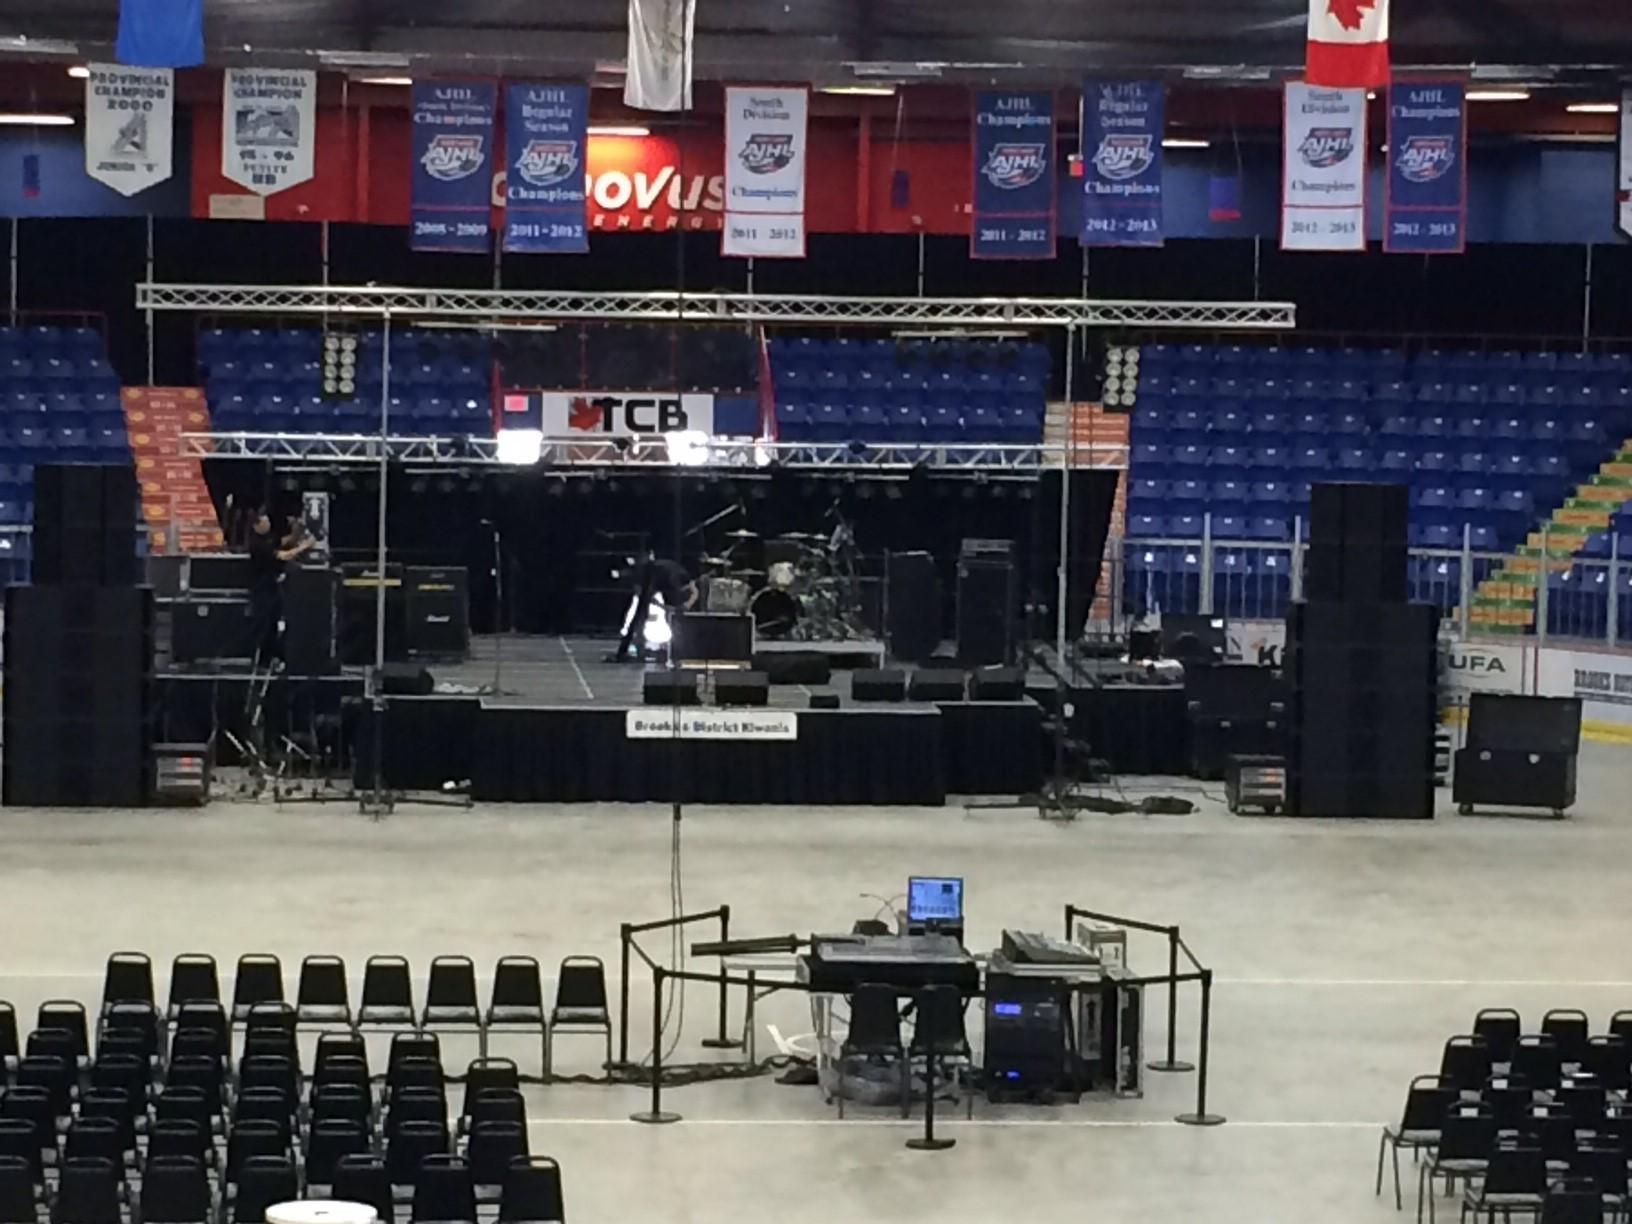 Concert Stage in Auditorium